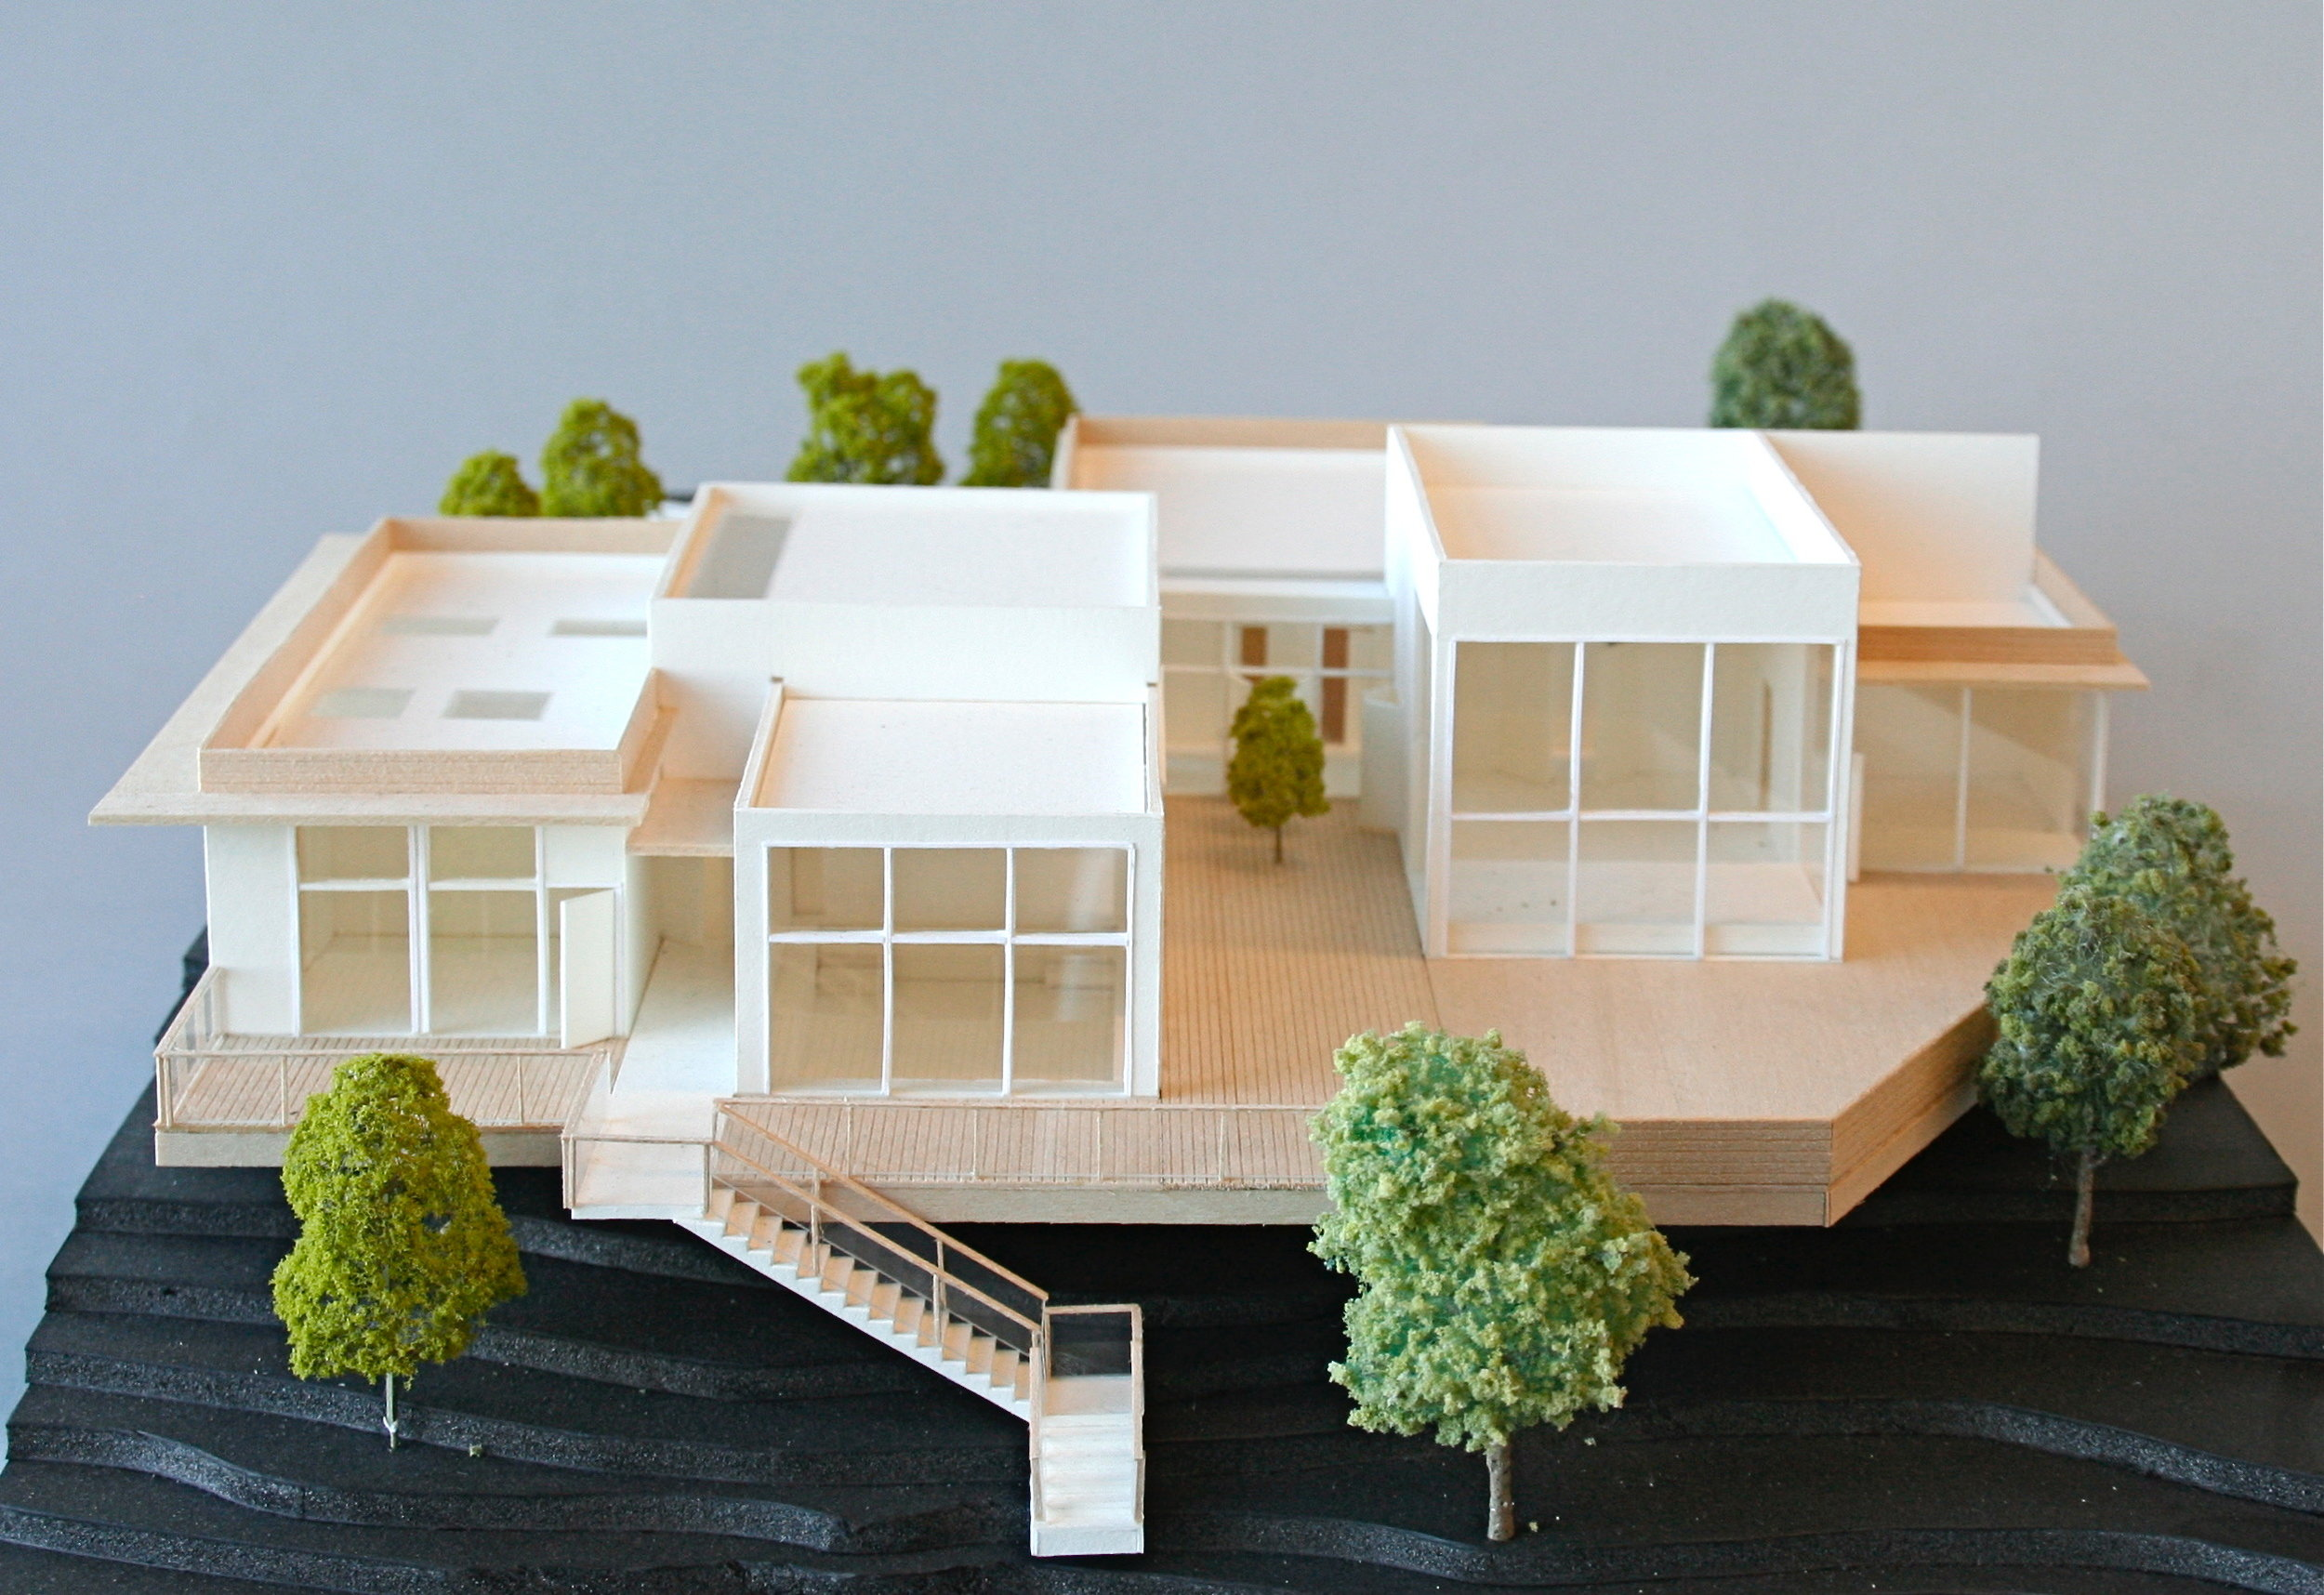 Eco House - 2.jpg